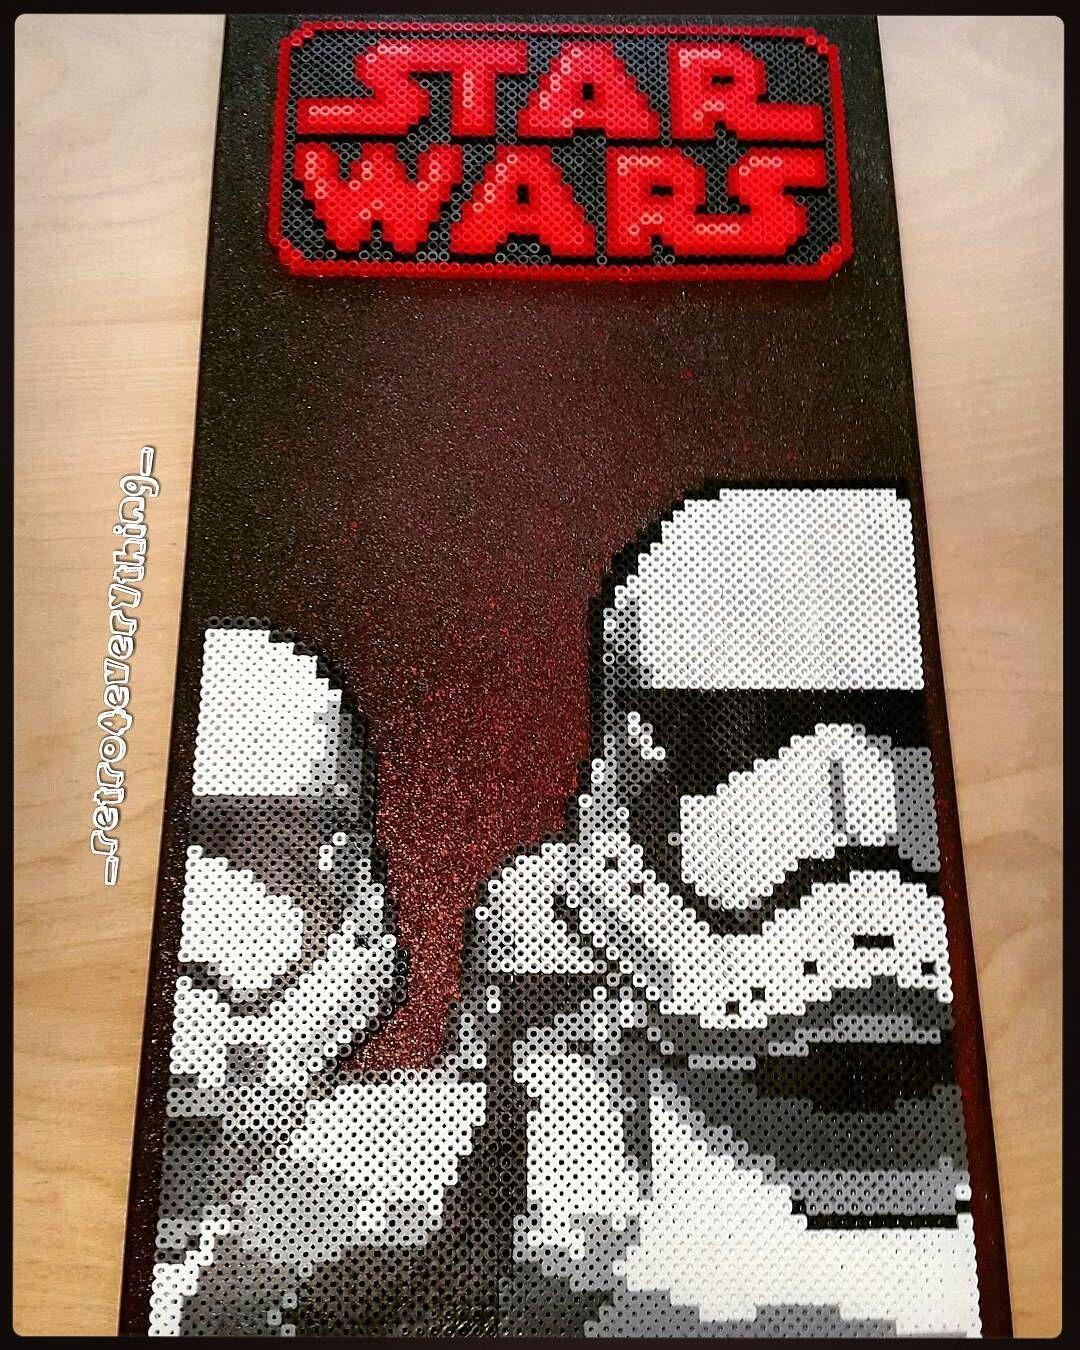 Star Wars Stormtrooper Hama Bugelperlen Mit Bildern